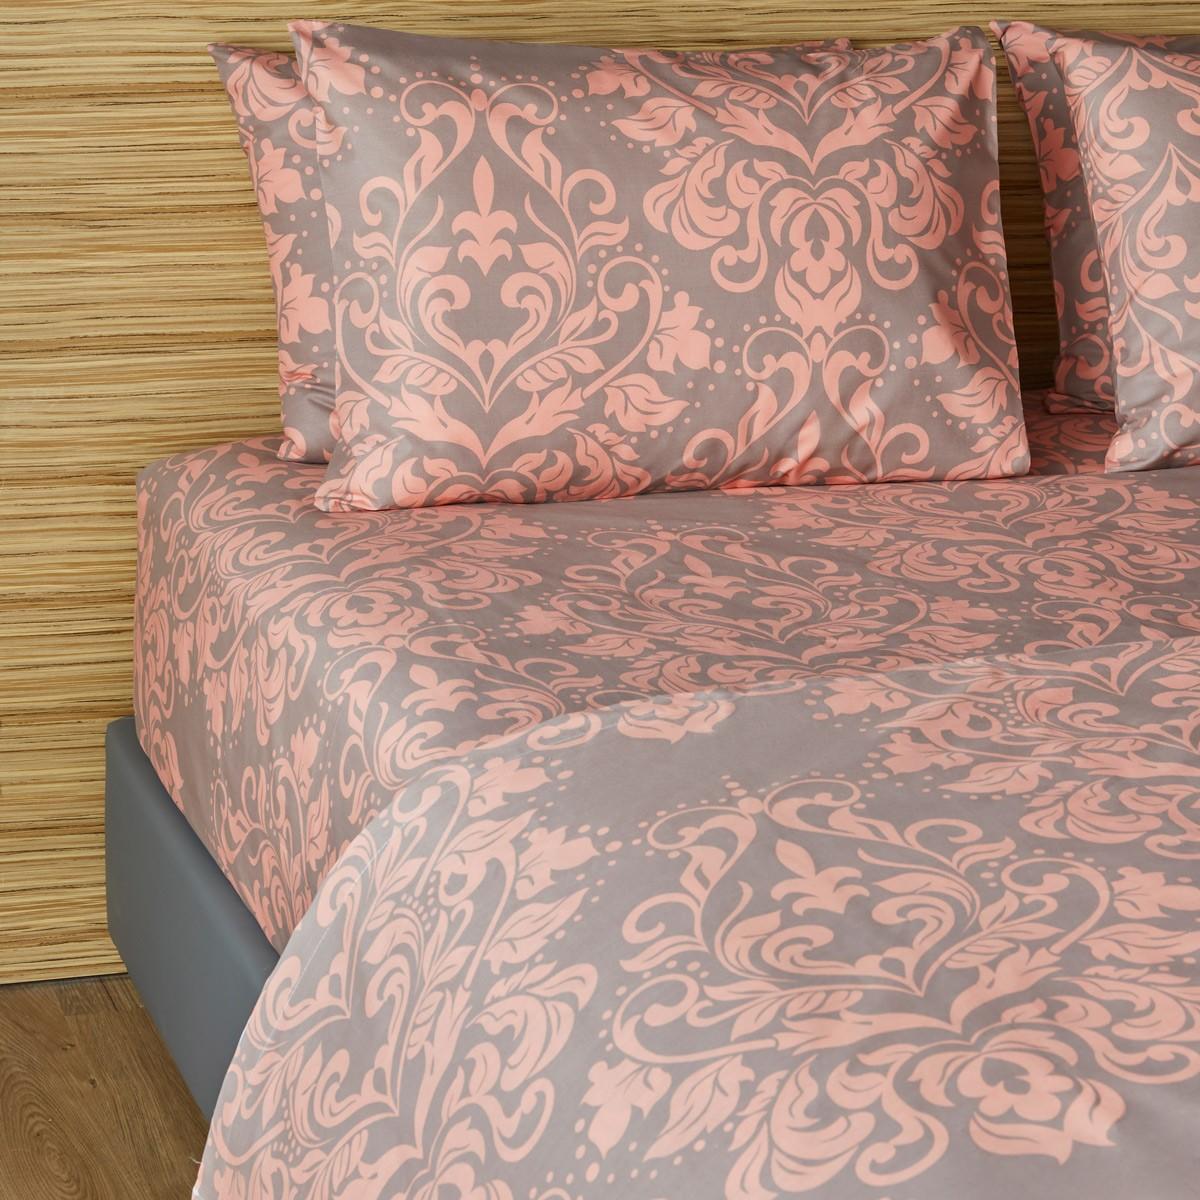 Σεντόνια Διπλά (Σετ) Melinen 12866 Coral home   κρεβατοκάμαρα   σεντόνια   σεντόνια ημίδιπλα   διπλά